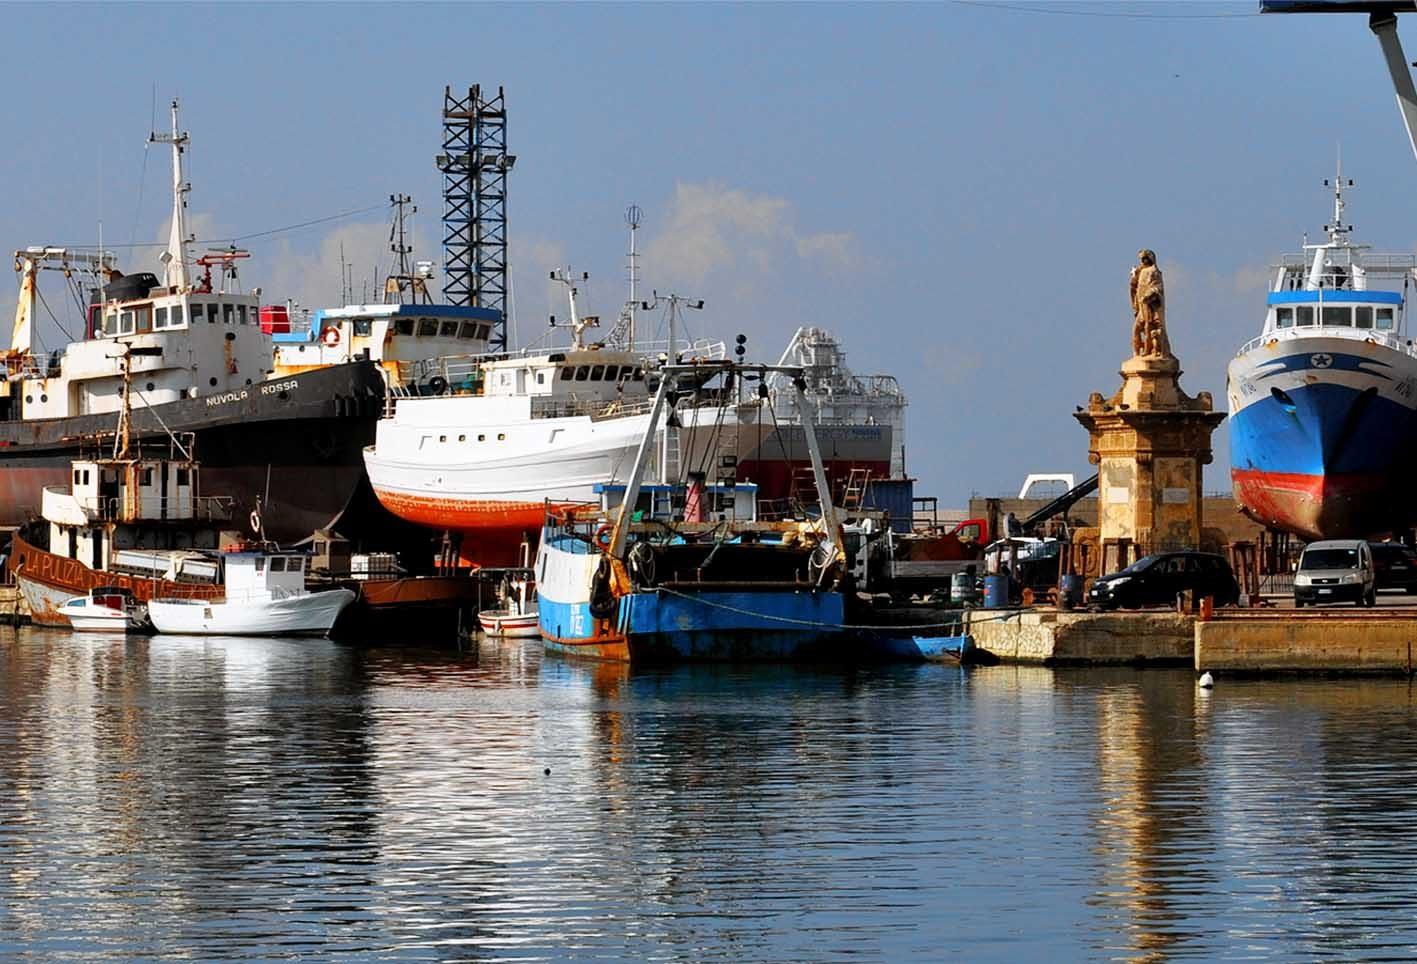 Crisi della marineria: è tutta colpa dell'Europa? Proposte, analisi e  accuse di Corrao, Tancredi e Carlino - Itaca Notizie